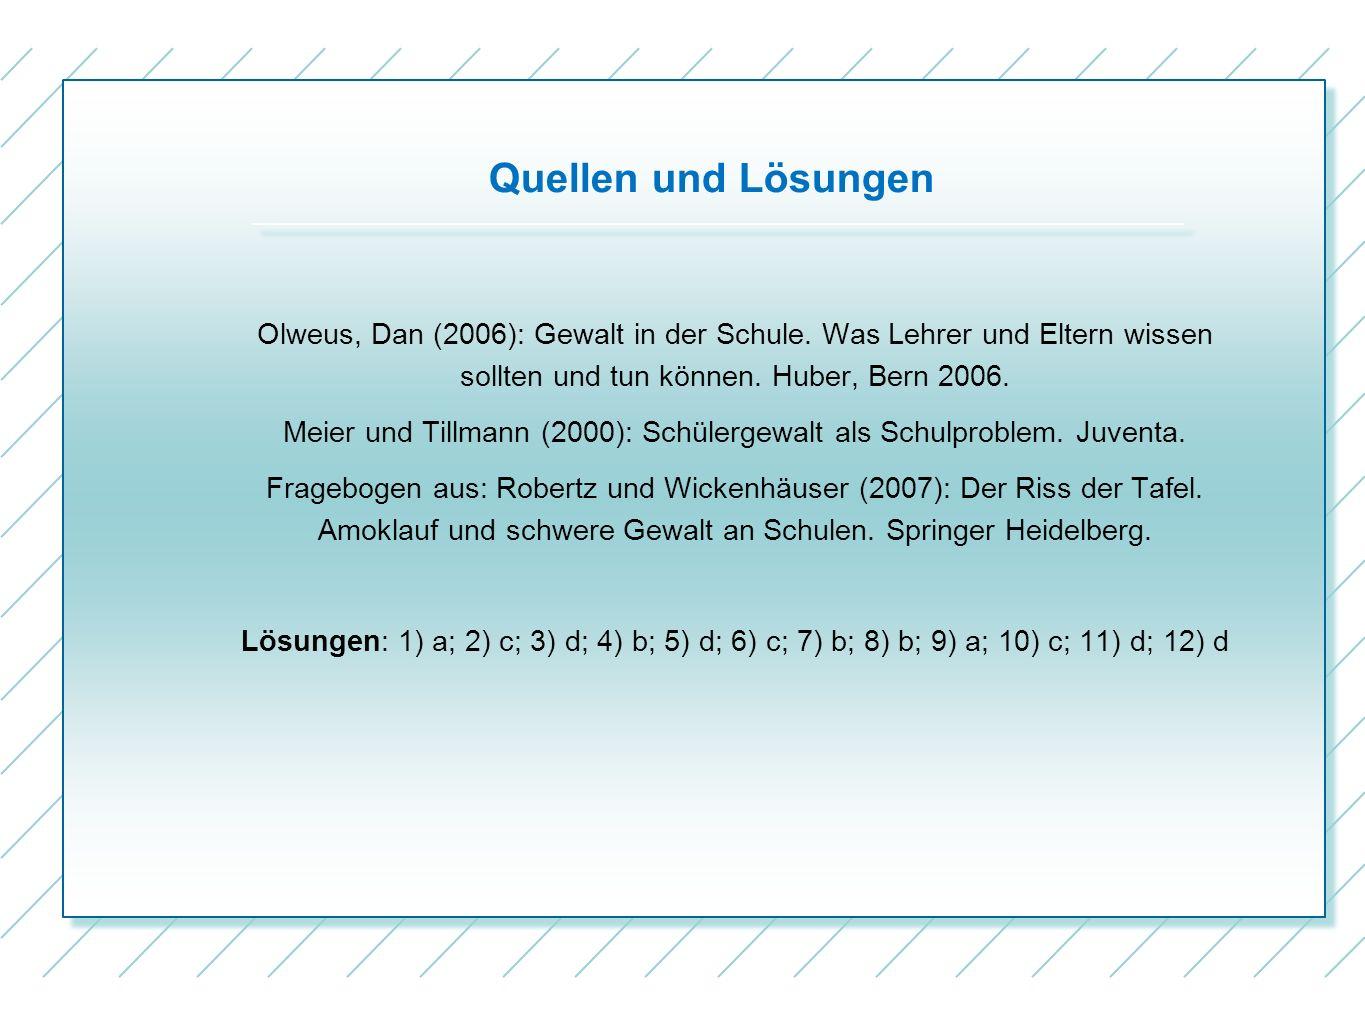 Meier und Tillmann (2000): Schülergewalt als Schulproblem. Juventa.